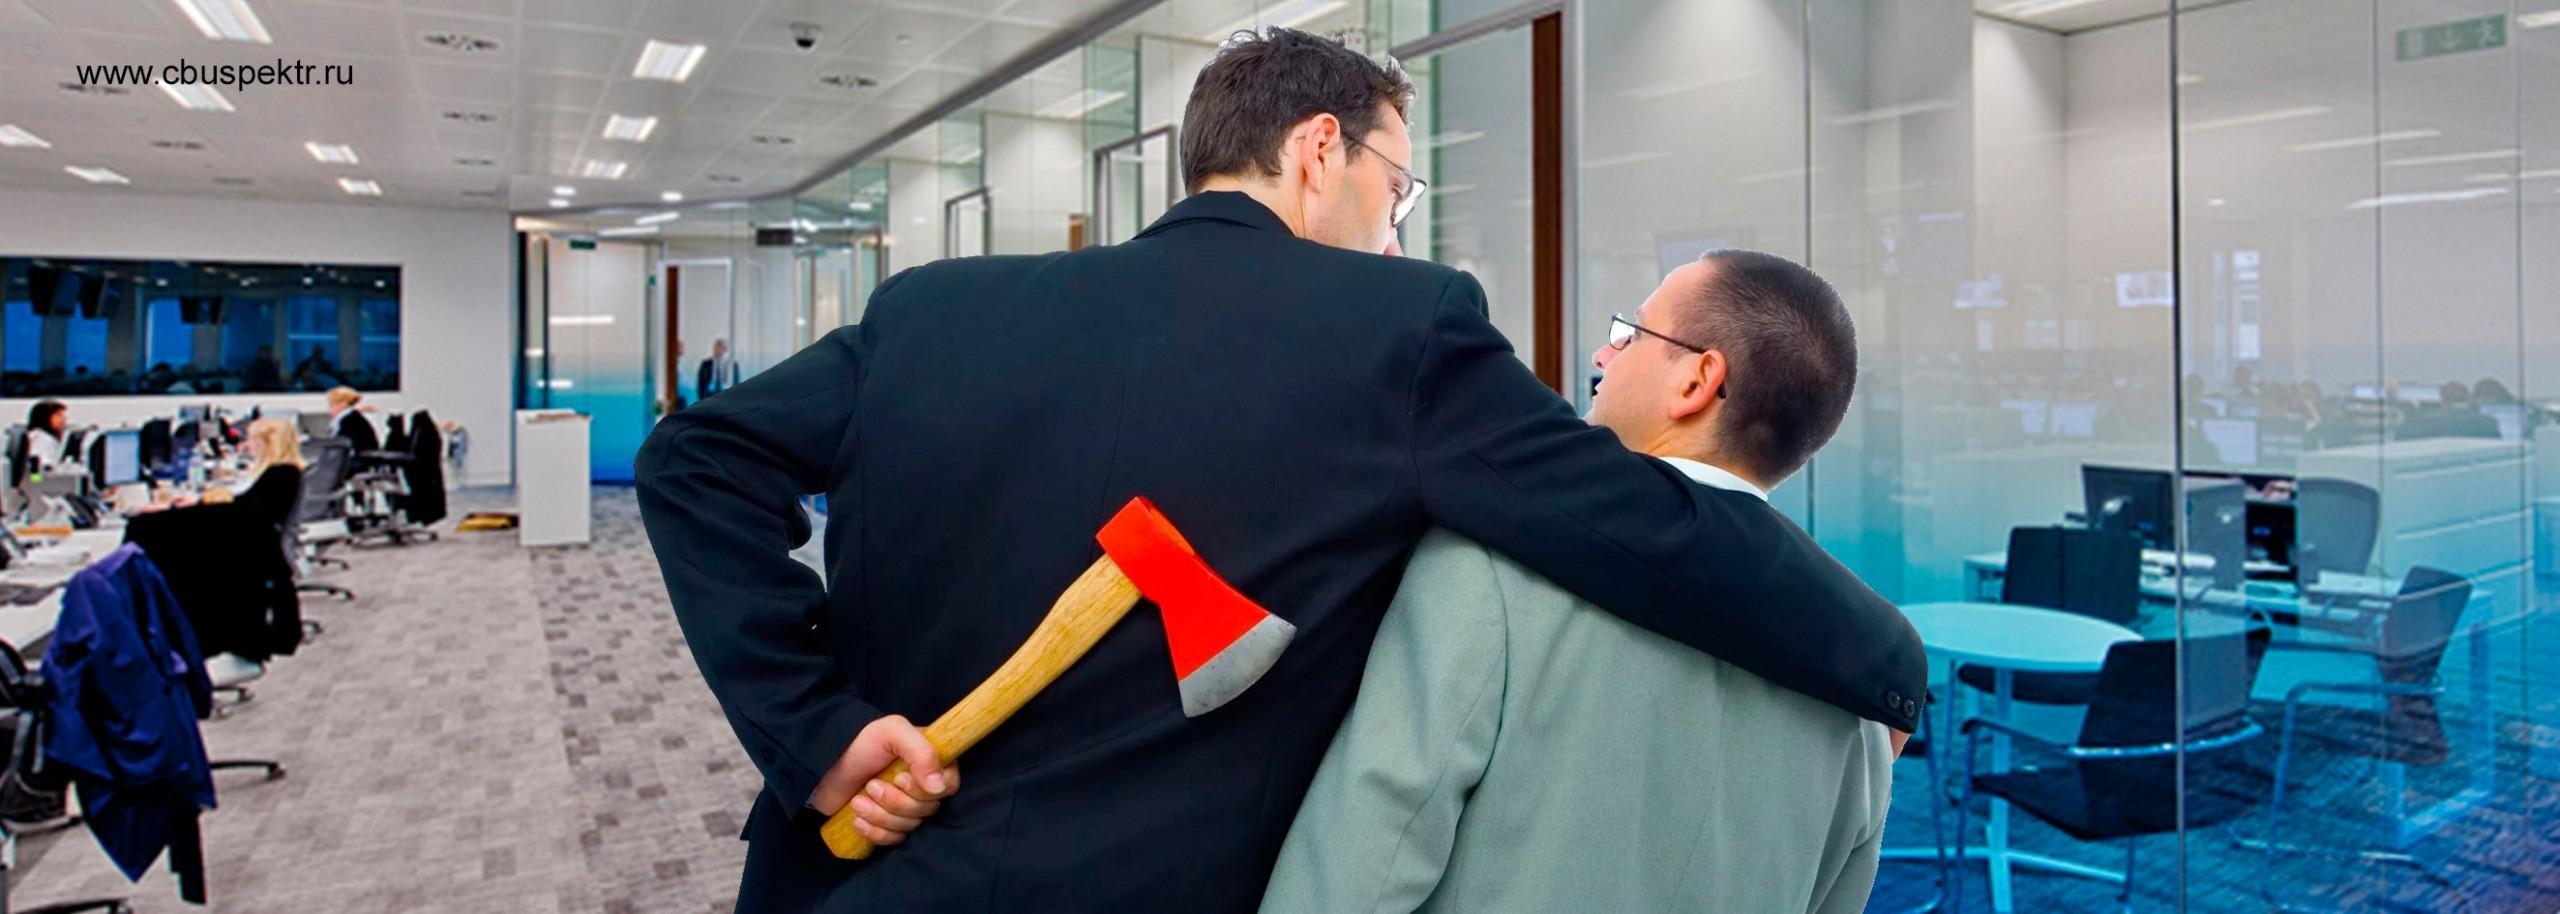 Мужчина обнял другого держа топор за спиной